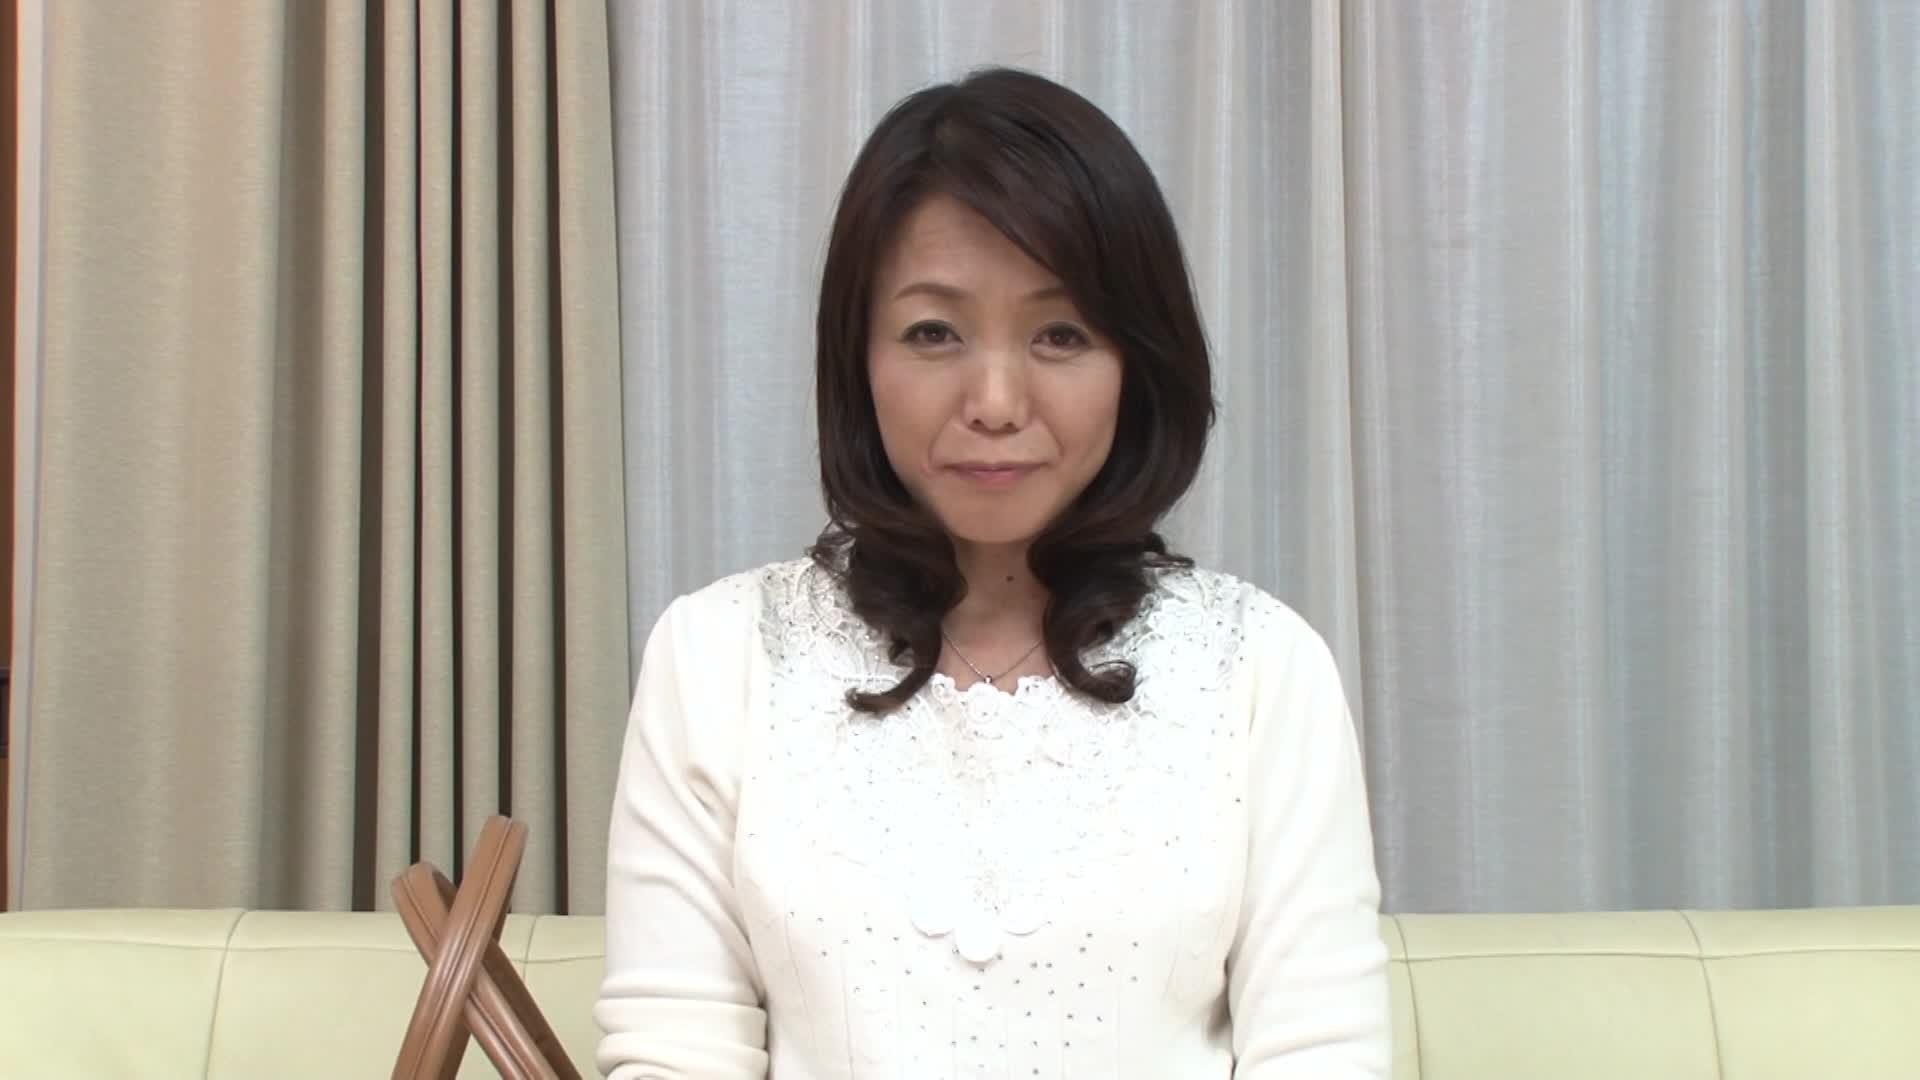 【無料エロ動画】《原田陽子 52年》黒ヘアのS級素人の50代の若奥様...